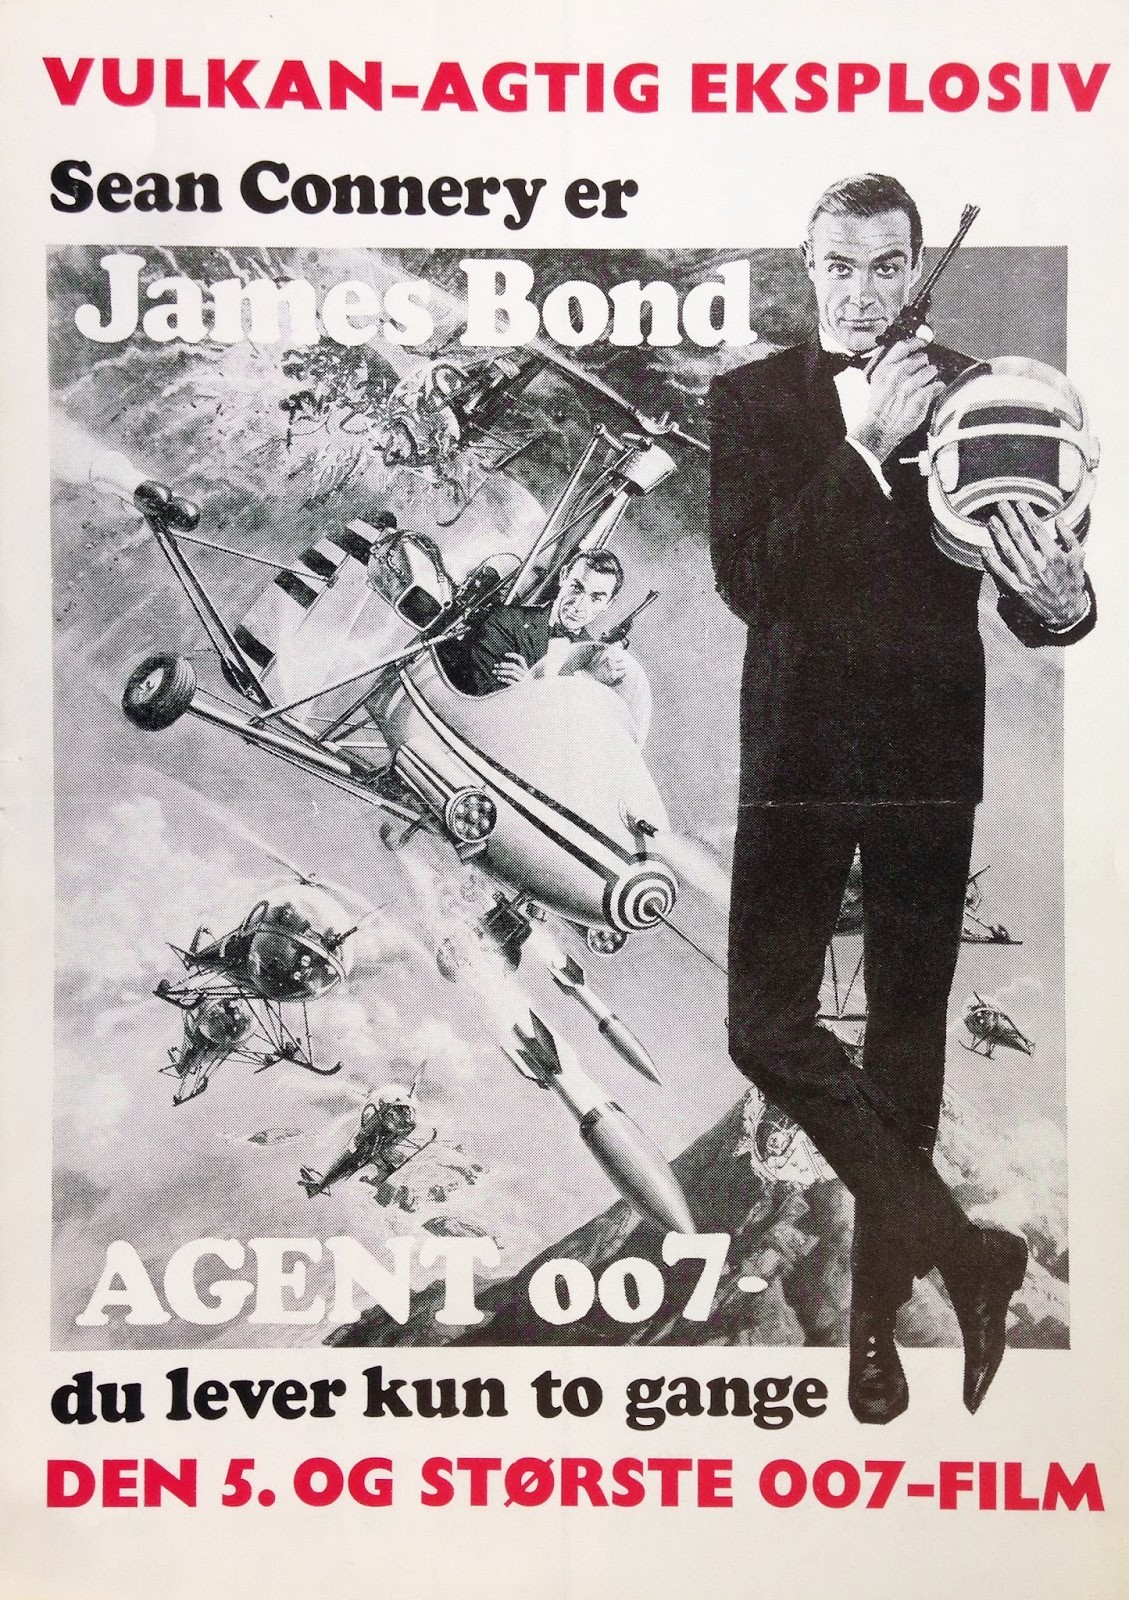 05 - Agent 007 Du Lever Kun To Gange (1A)